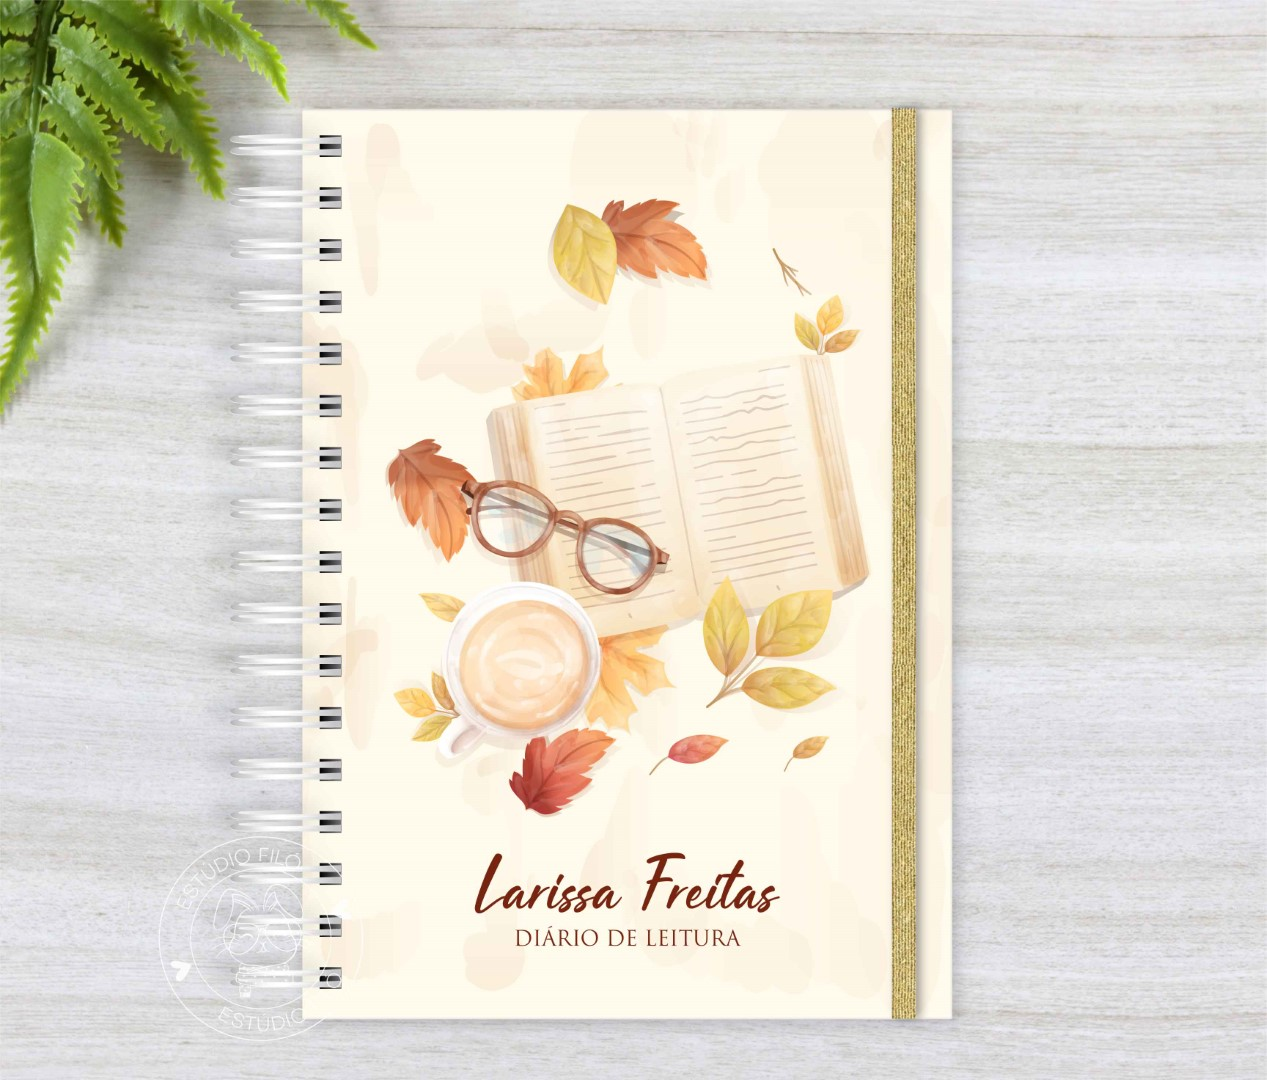 Diário de leitura outono